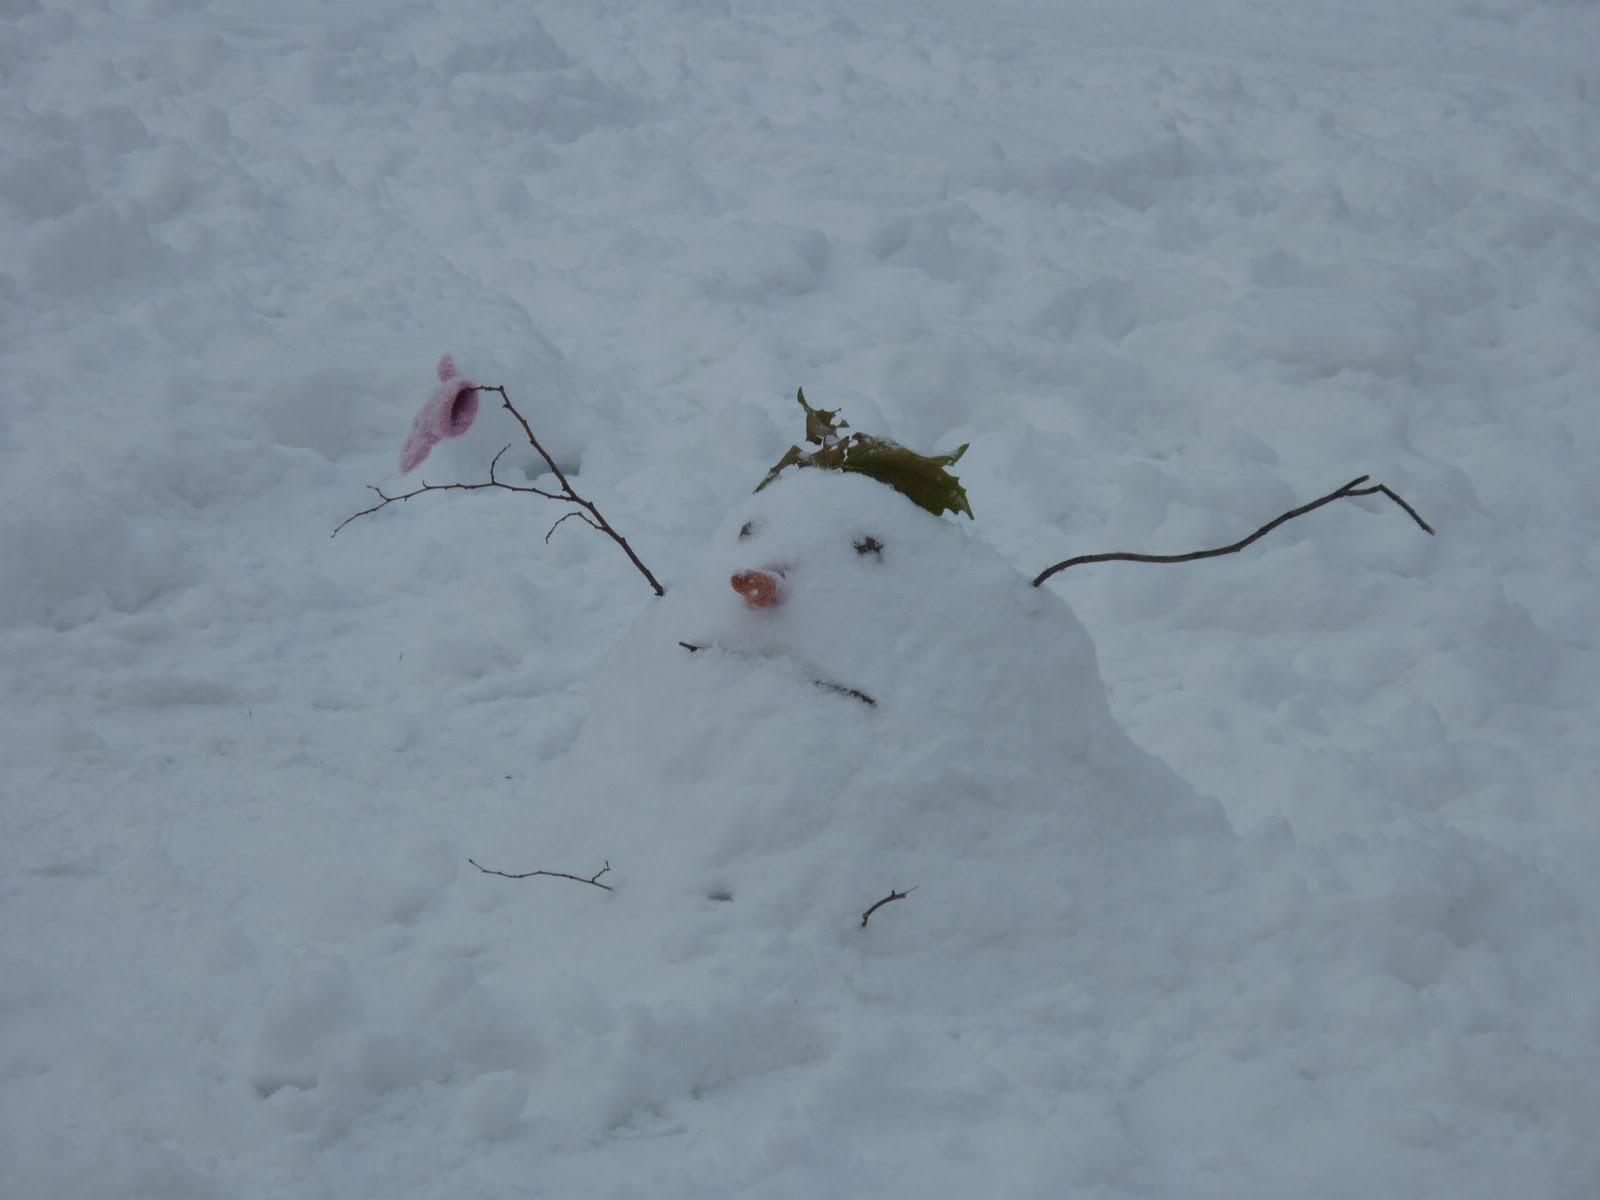 fashion moriarty a little fail of a snowman